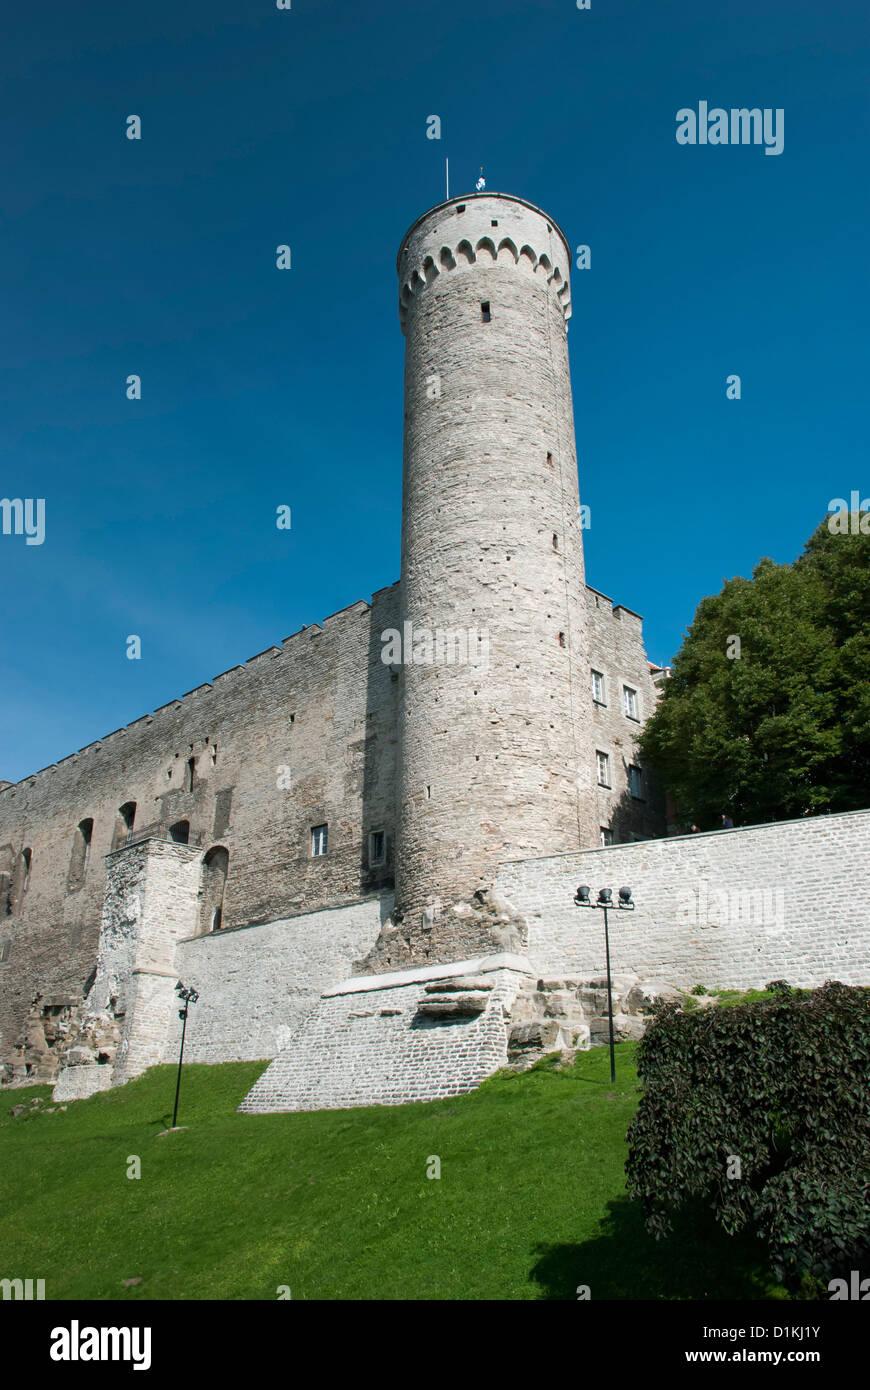 'Largo' Herman tower, el edificio histórico de Tallinn, Estonia - donde se iza la bandera cada día Imagen De Stock